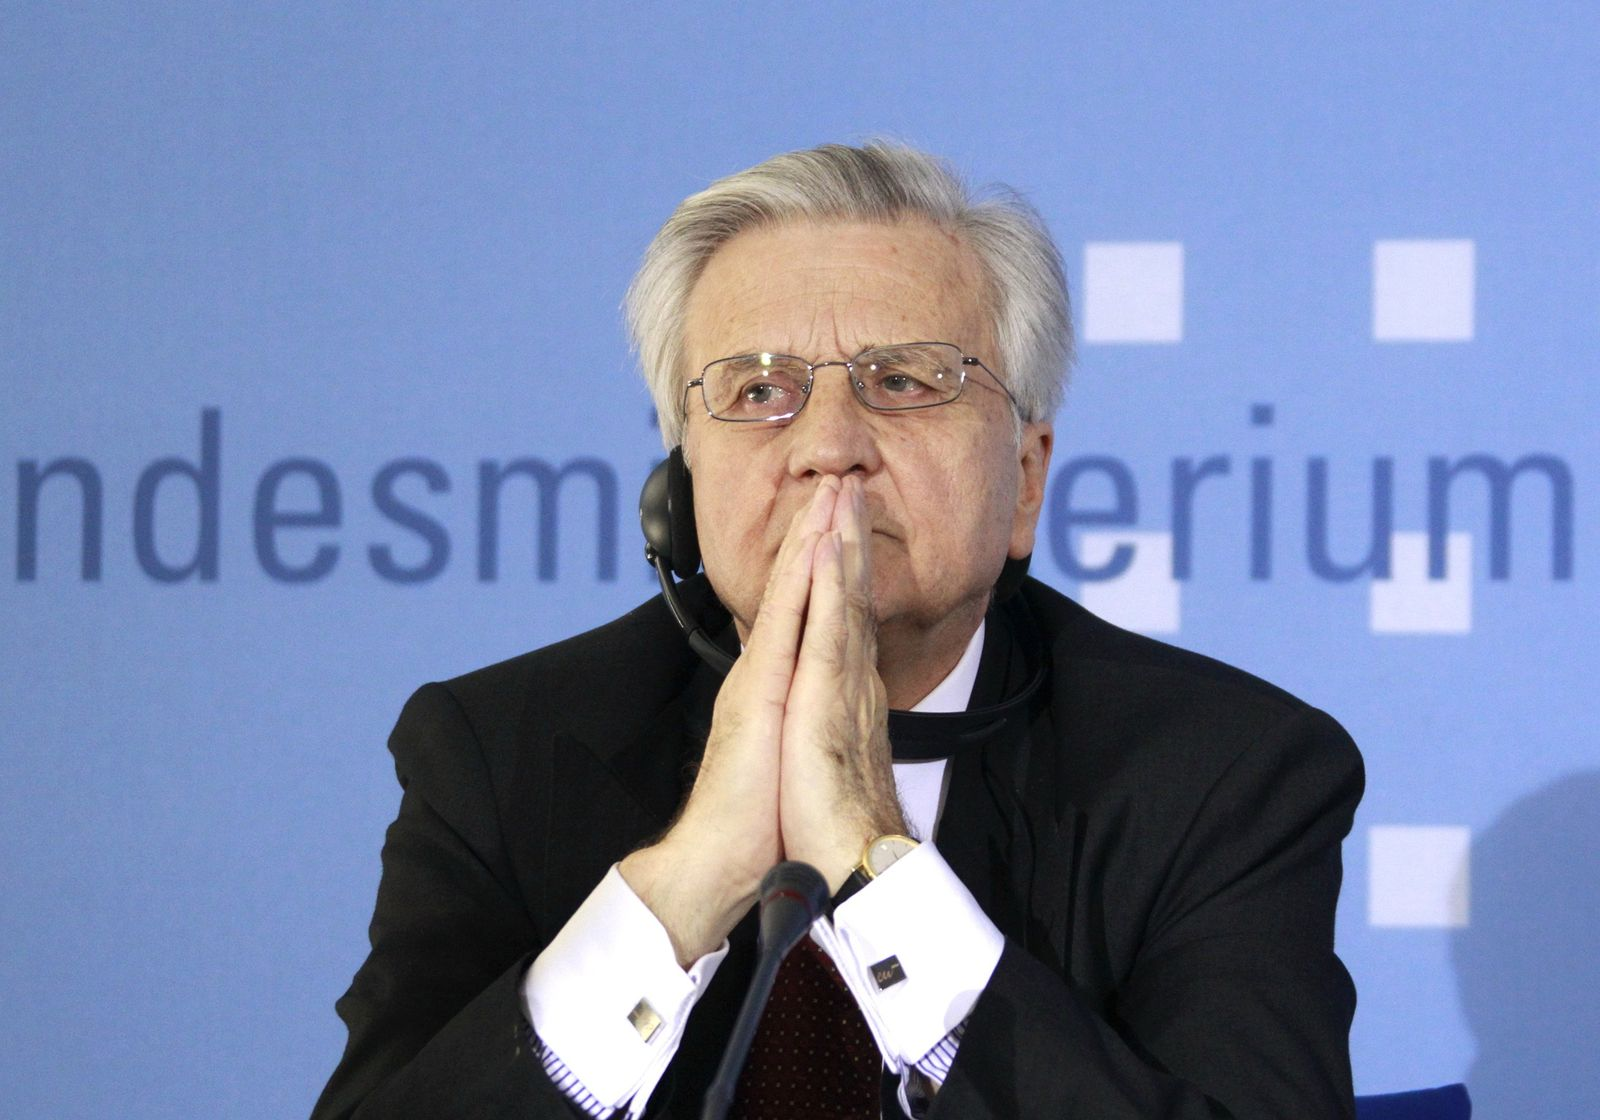 EUROZONE-TRICHET/STRAUSSKAHN